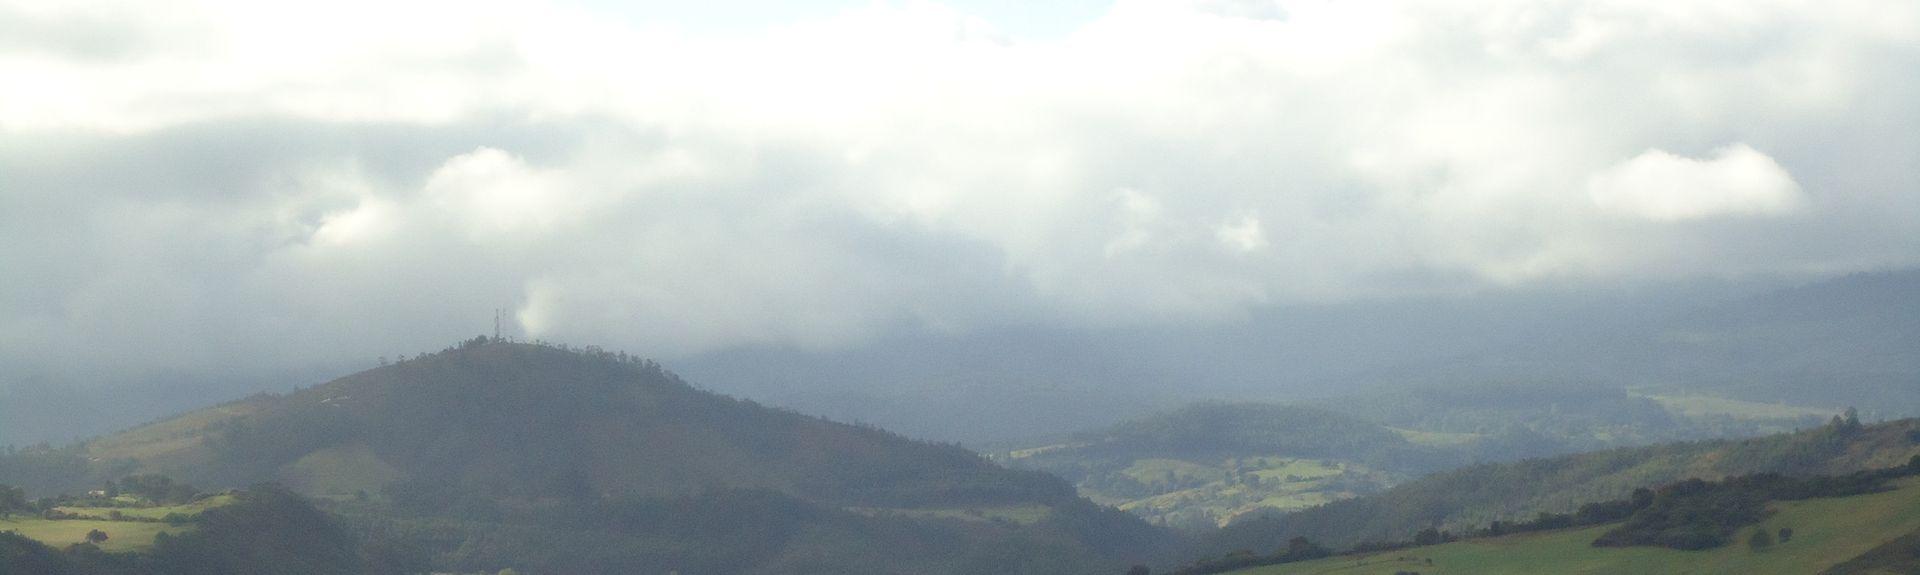 Cabezon de la Sal, Cantabrien, Spanien